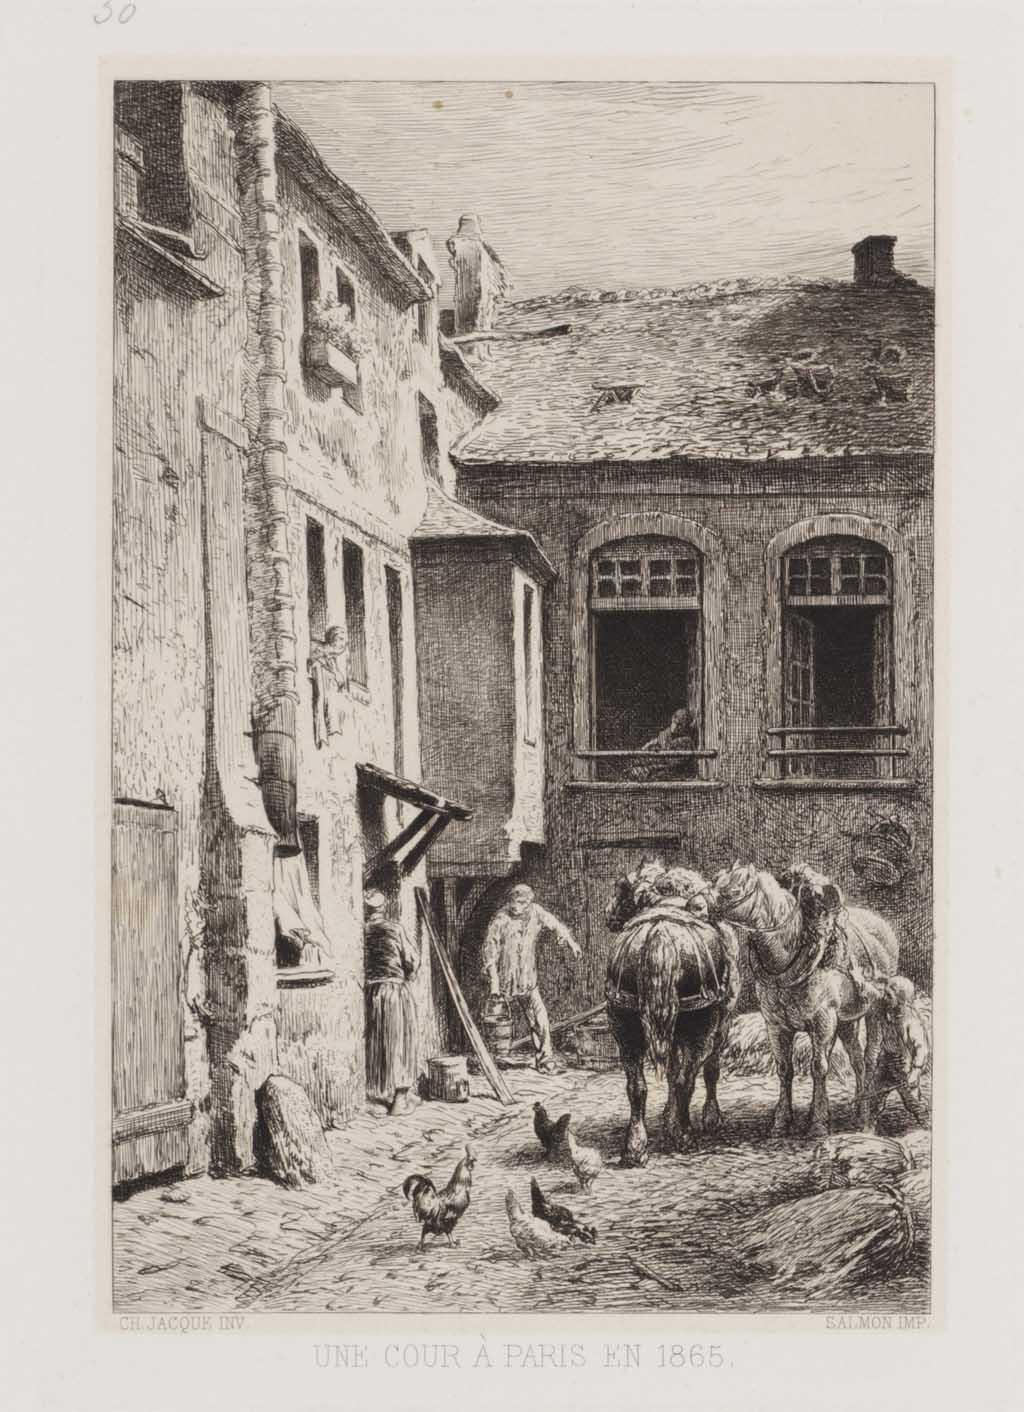 Une cour à paris en 1865